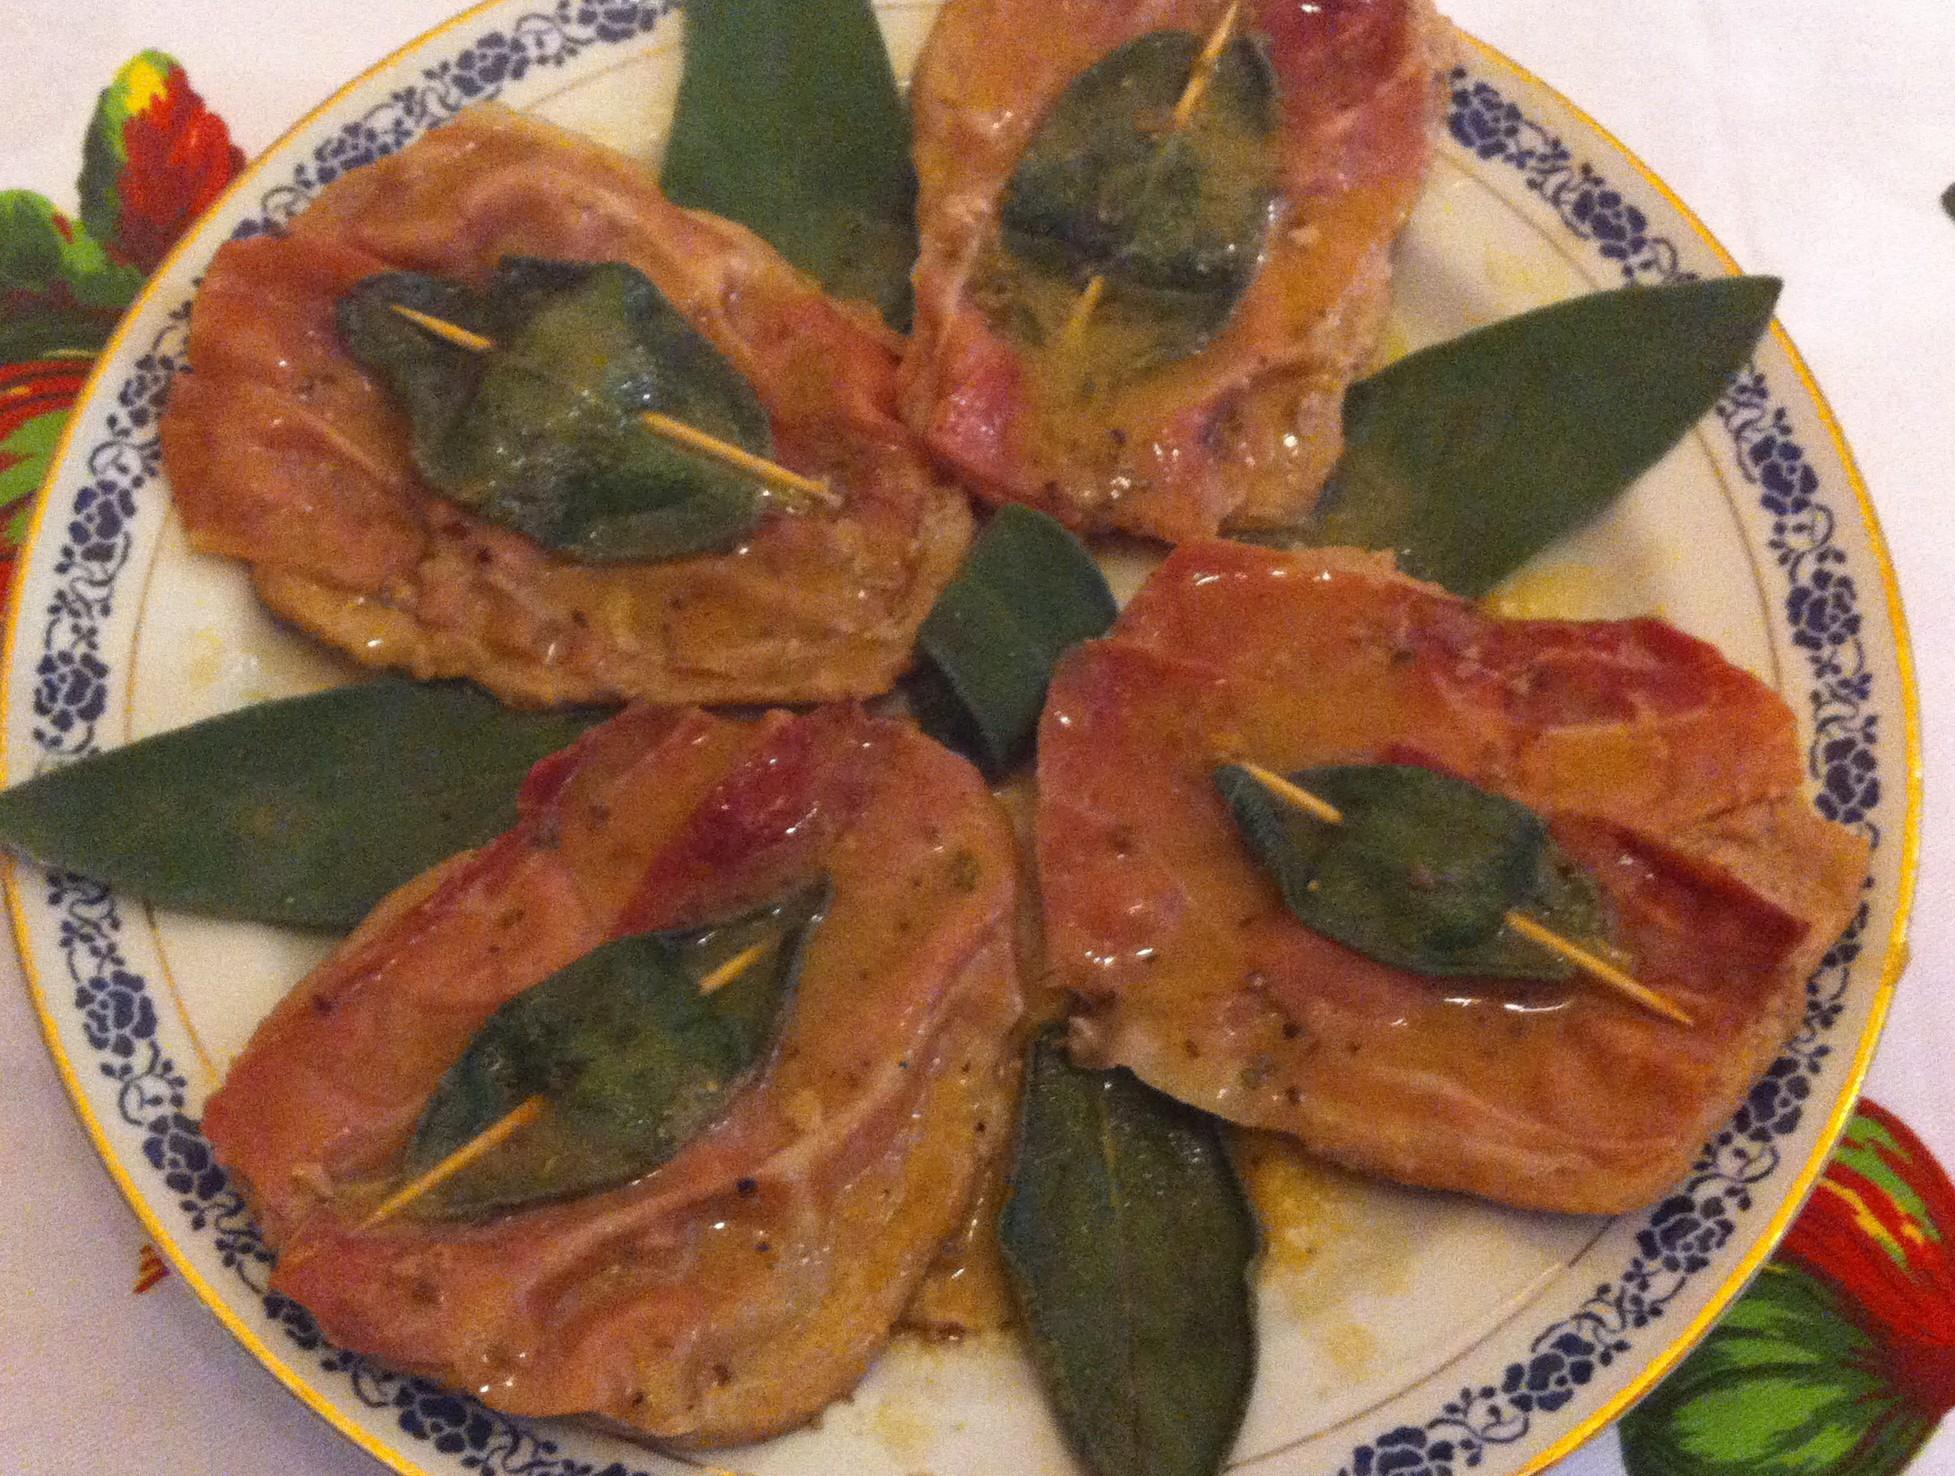 Le ricette di soleluna saltimbocca alla romana ricetta tipica le ricette di cucina for Cucina tipica romana ricette